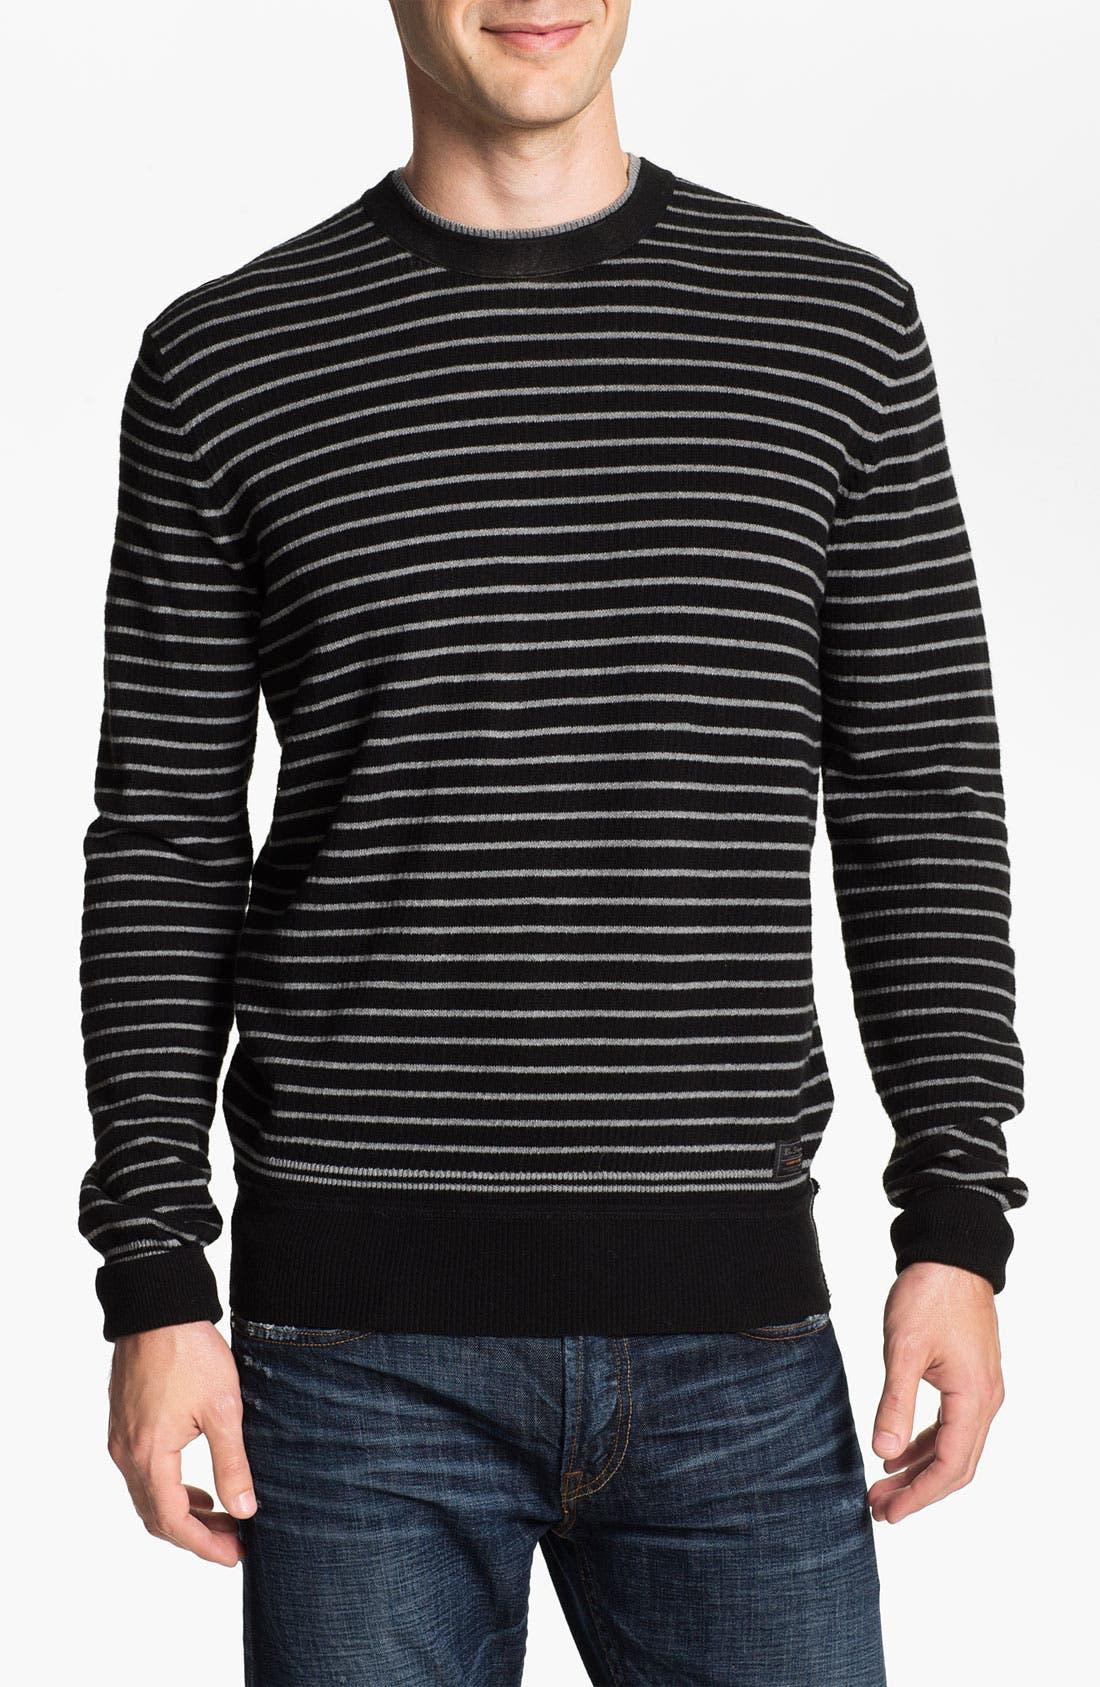 Alternate Image 1 Selected - Ben Sherman Stripe Crewneck Sweater